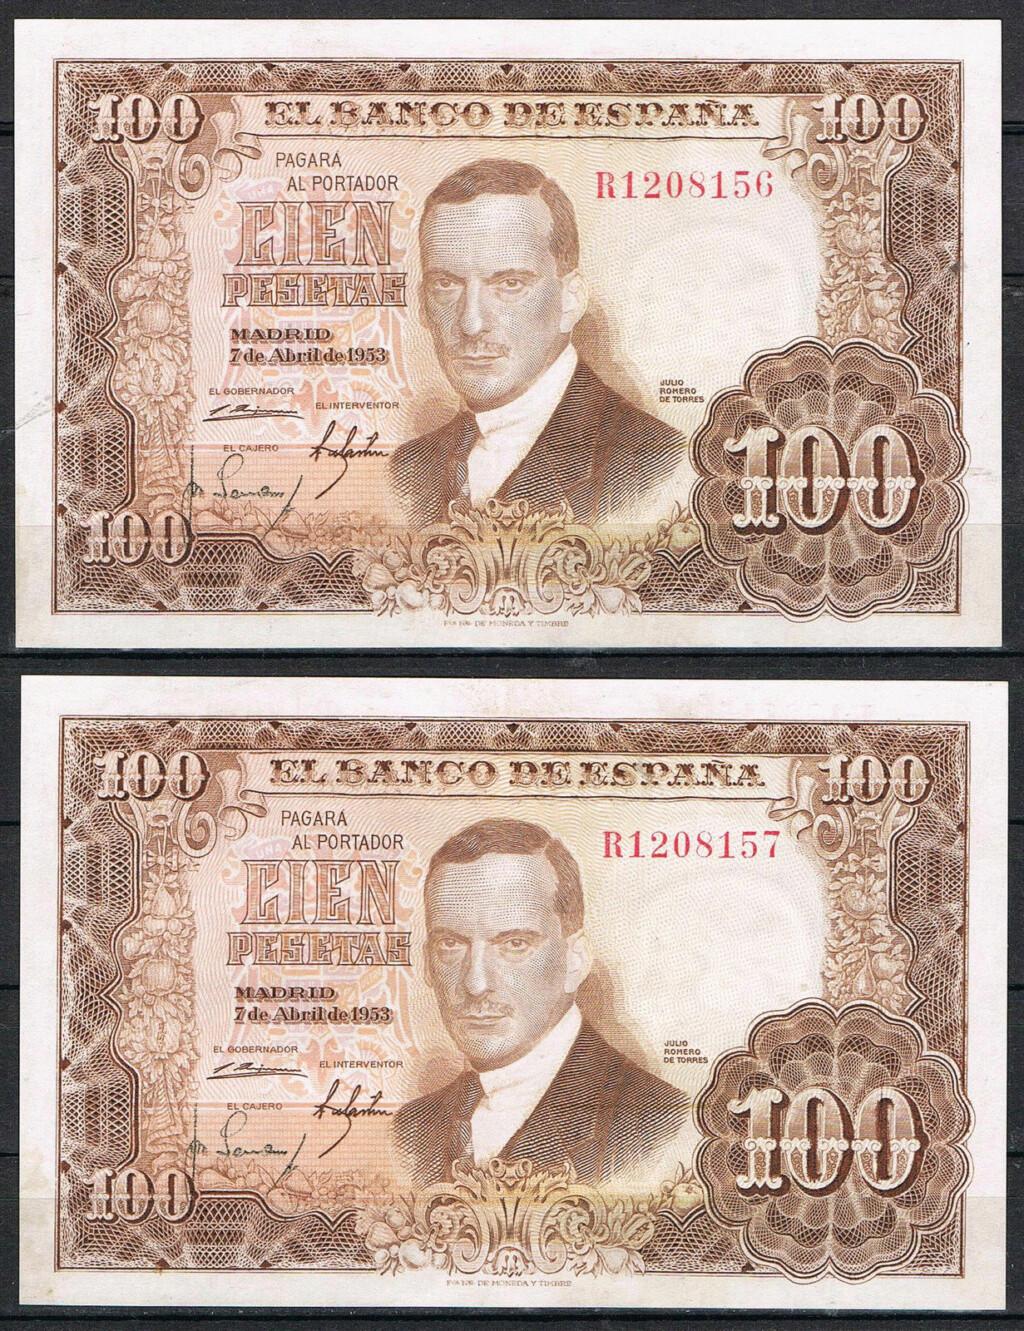 Investigación - Billetes de 100 pts 1953 Romero de Torres - Página 2 R10